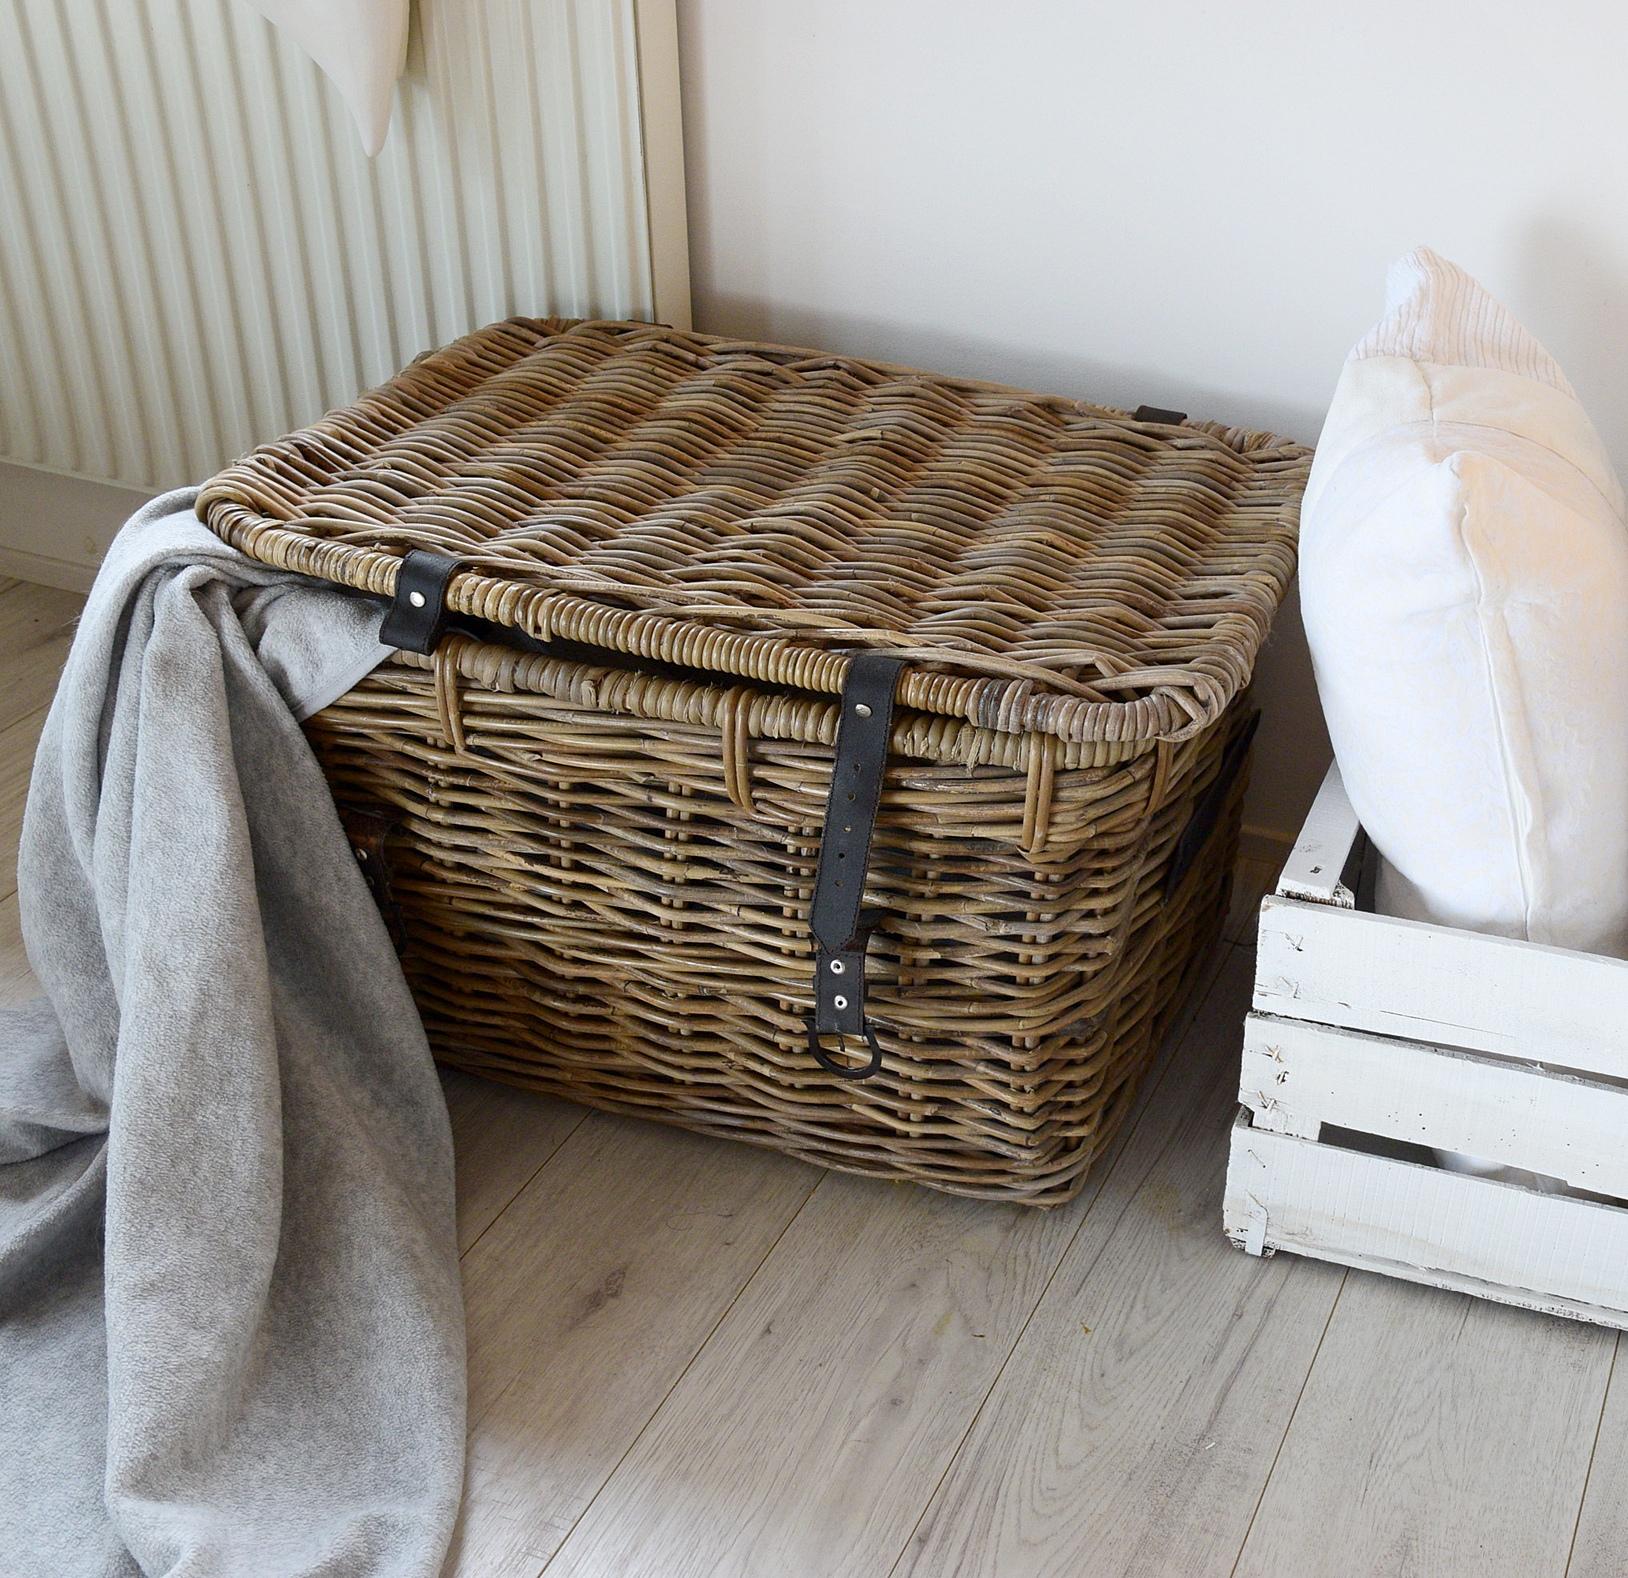 Kuscheliges Wohnzimmer mit Decken und Kissen von Depot 14